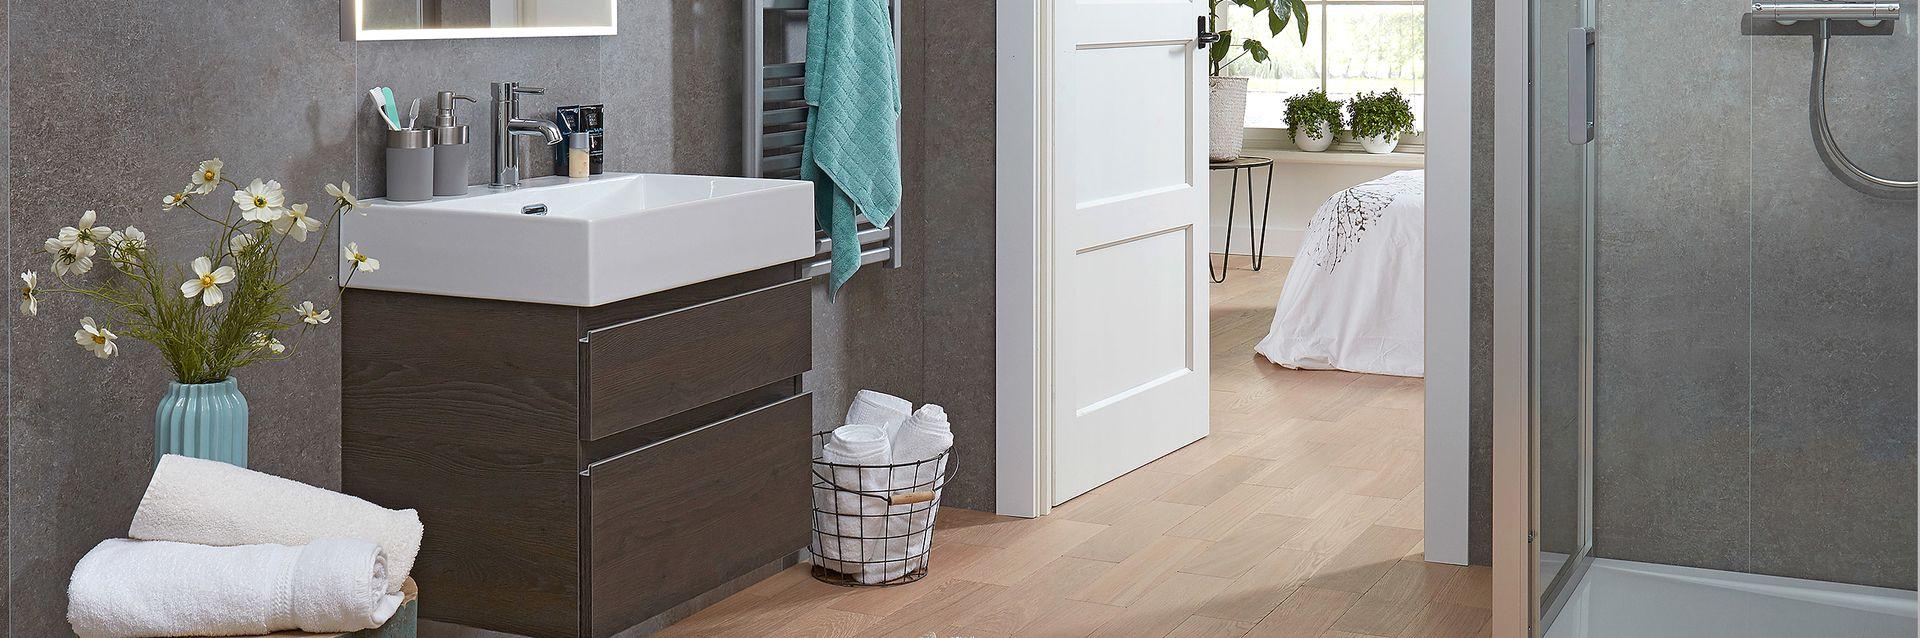 een bruynzeel badkamermeubel maakt uw badkamer compleetbaden